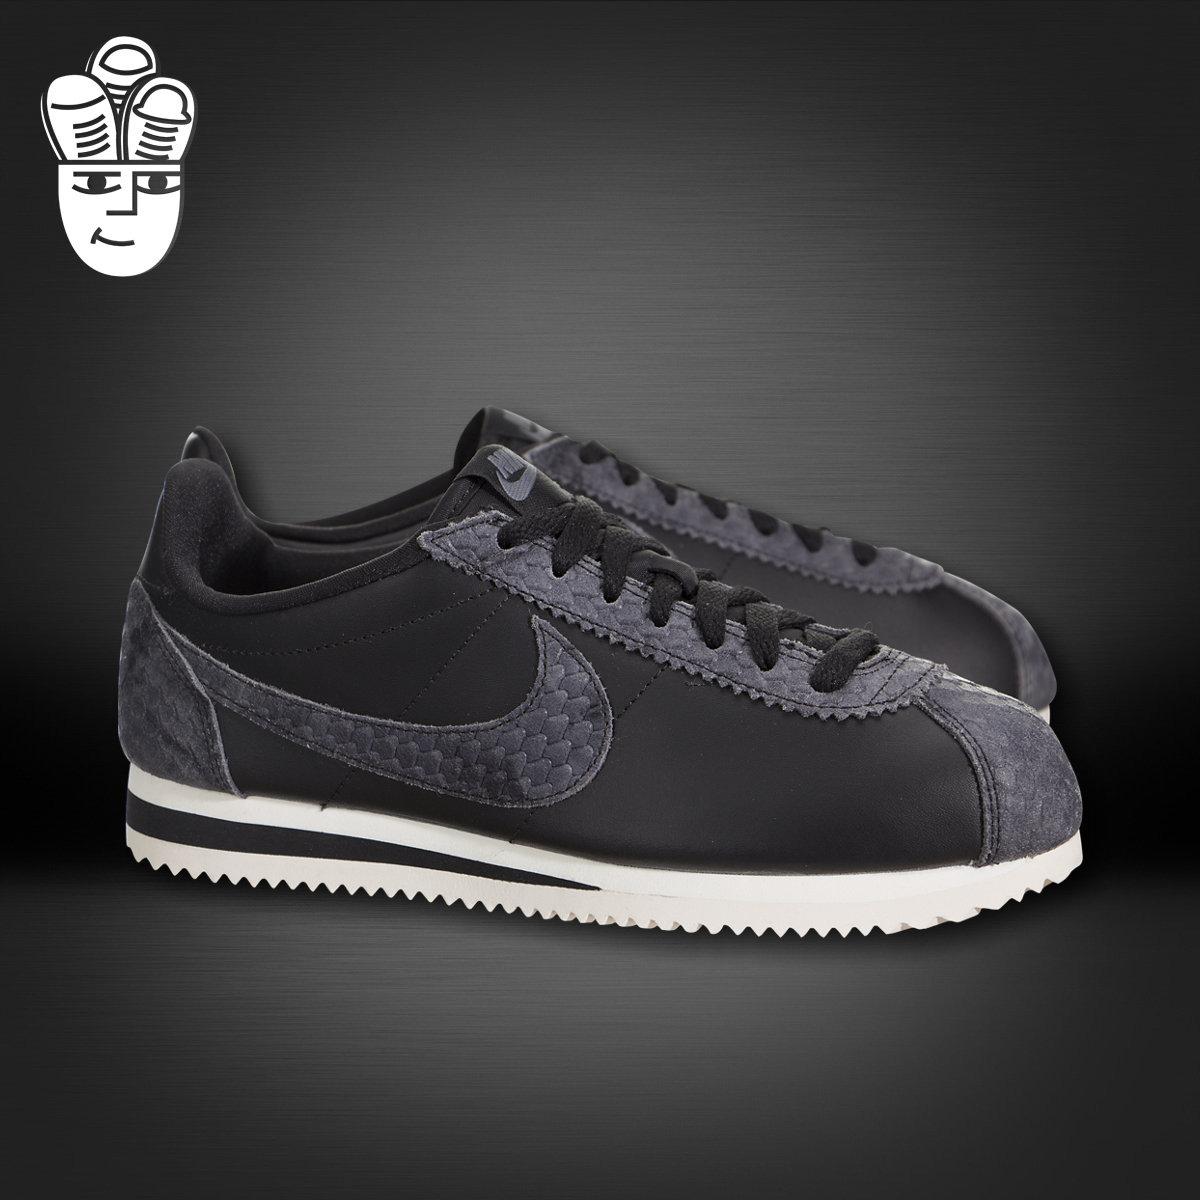 nike耐克女鞋2017新款cortez低帮透气复古休闲鞋跑步鞋902856-001